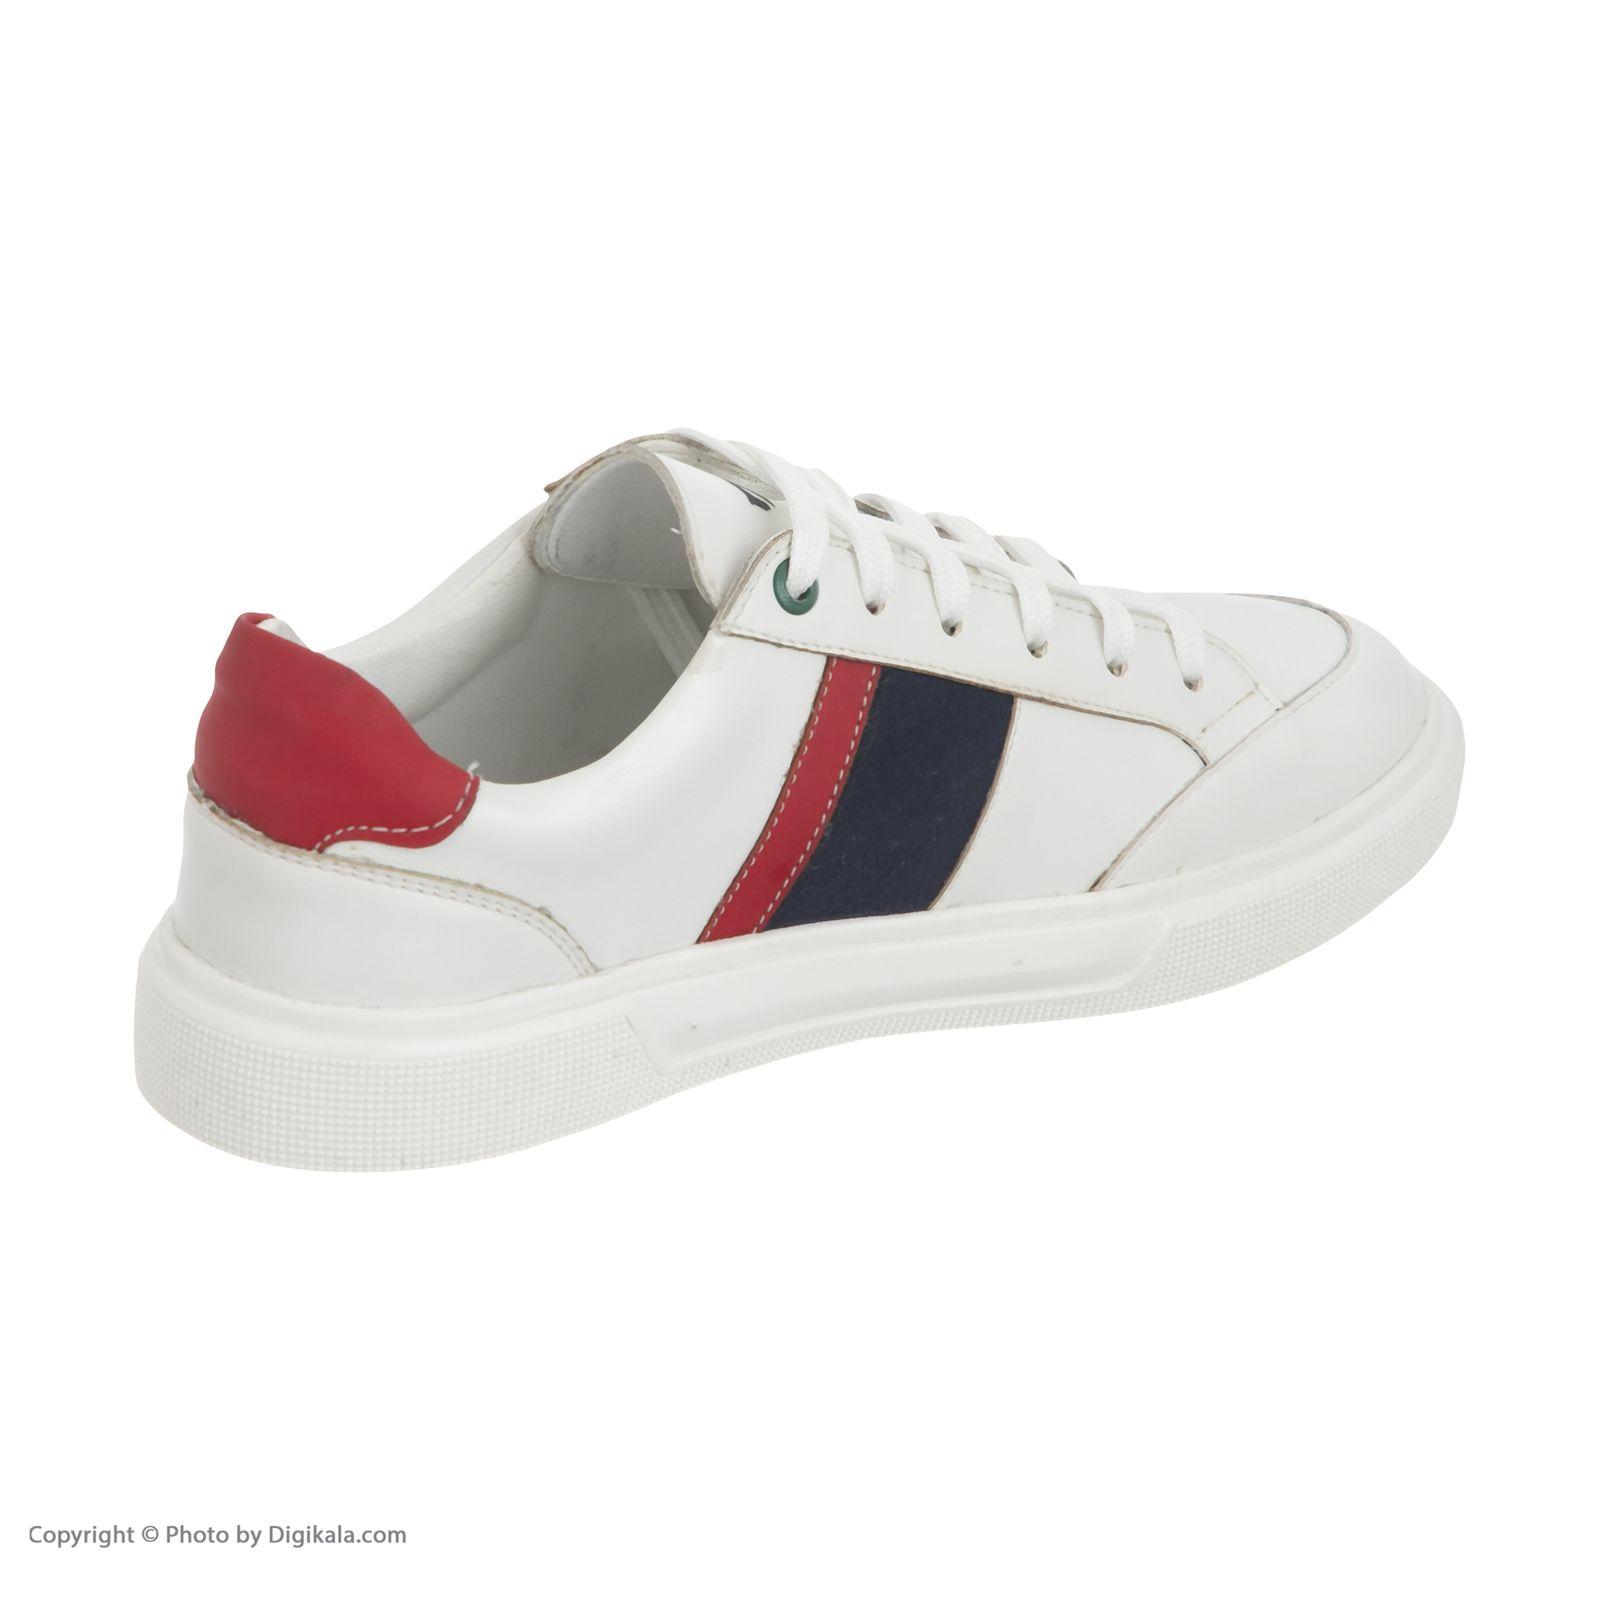 کفش راحتی مردانه آر اِن اِس مدل 113003-01 main 1 4